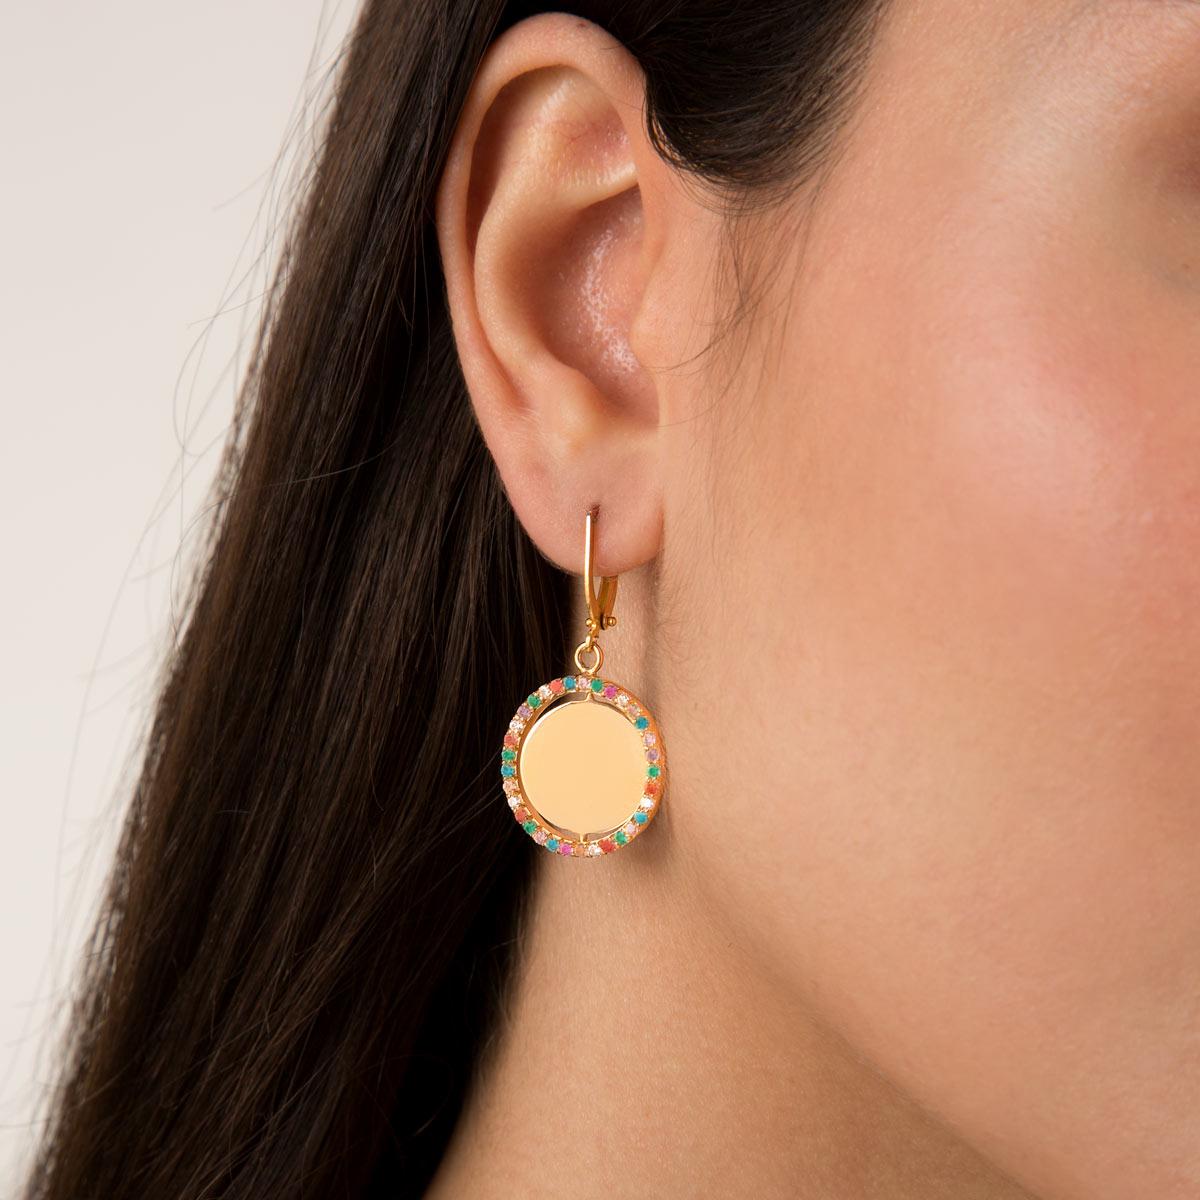 گوشواره طلا دایره متحرک و نگین رنگی